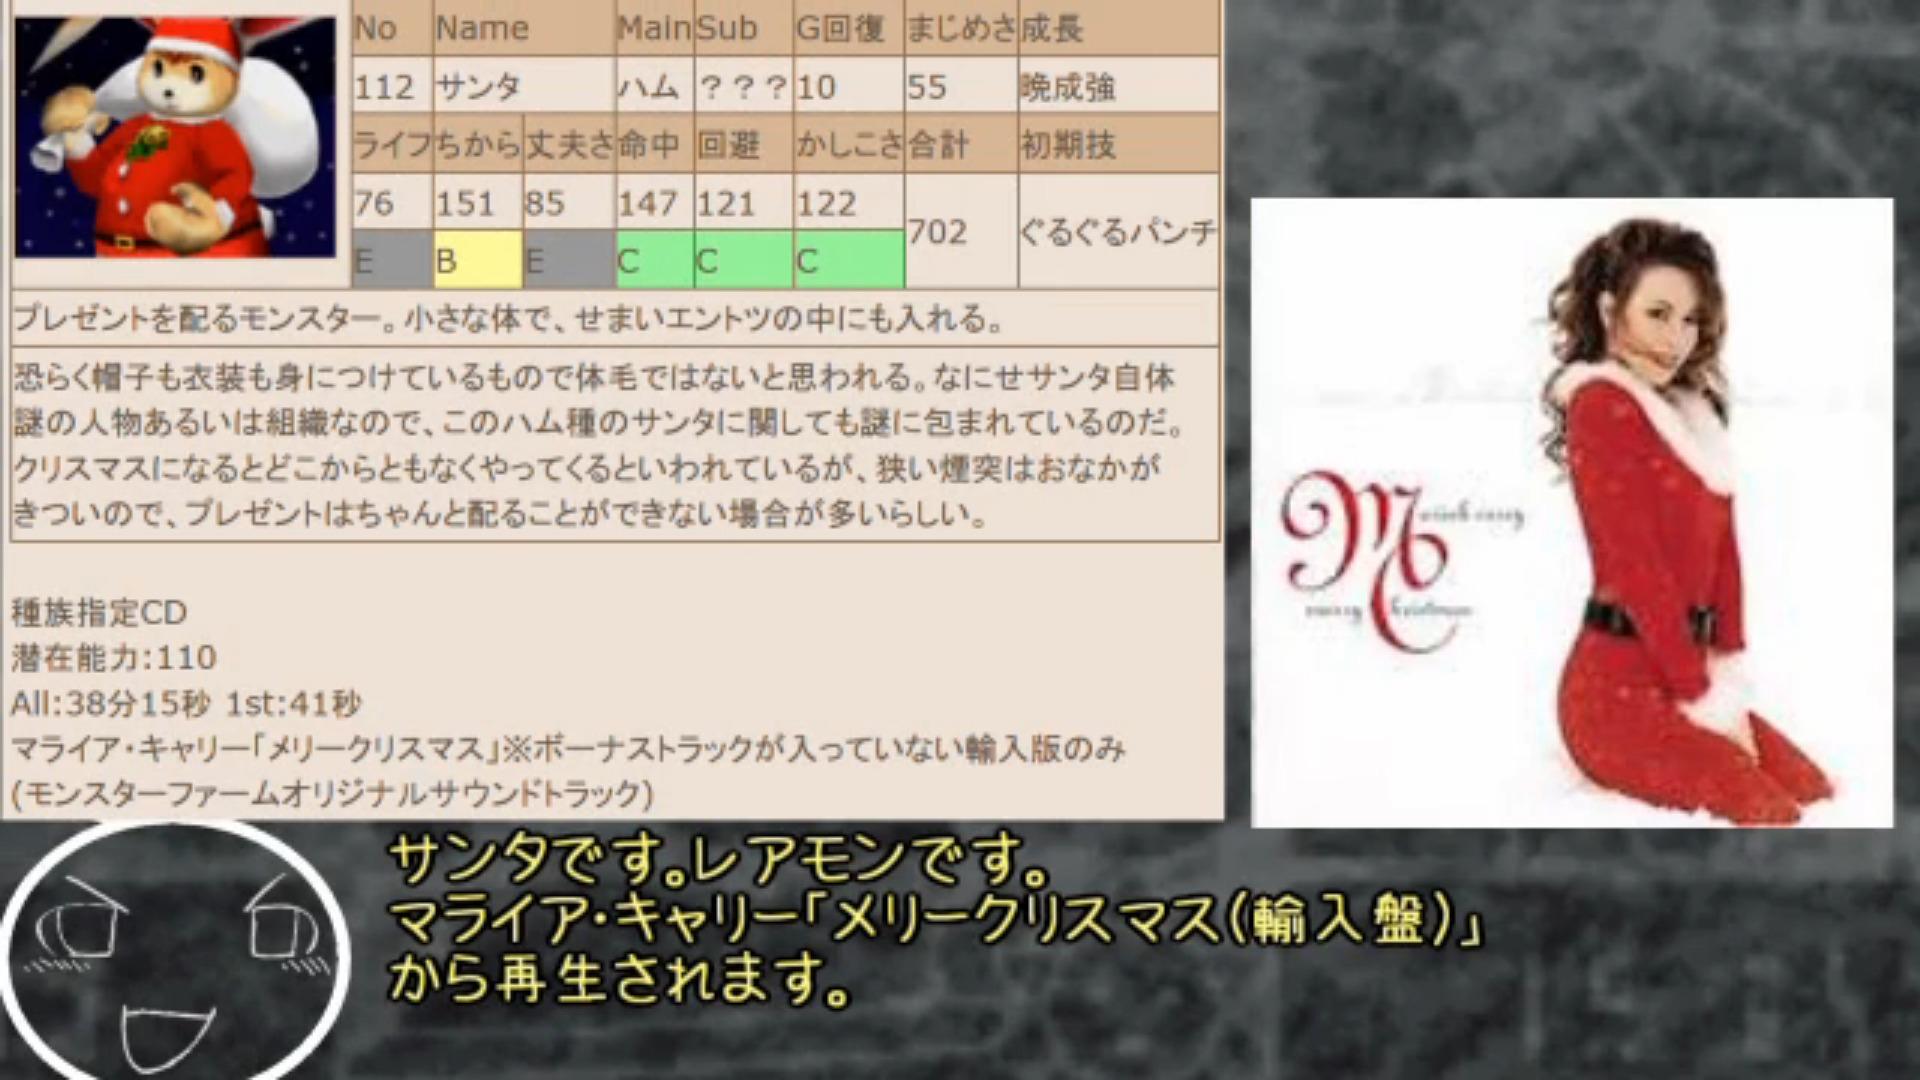 『モンスターファーム』特定のCDからレアモンスターが生まれるって知ってる? 『ときメモ』からは「セイラ―」、爆風スランプのCDからは「サンプラザ」が誕生!